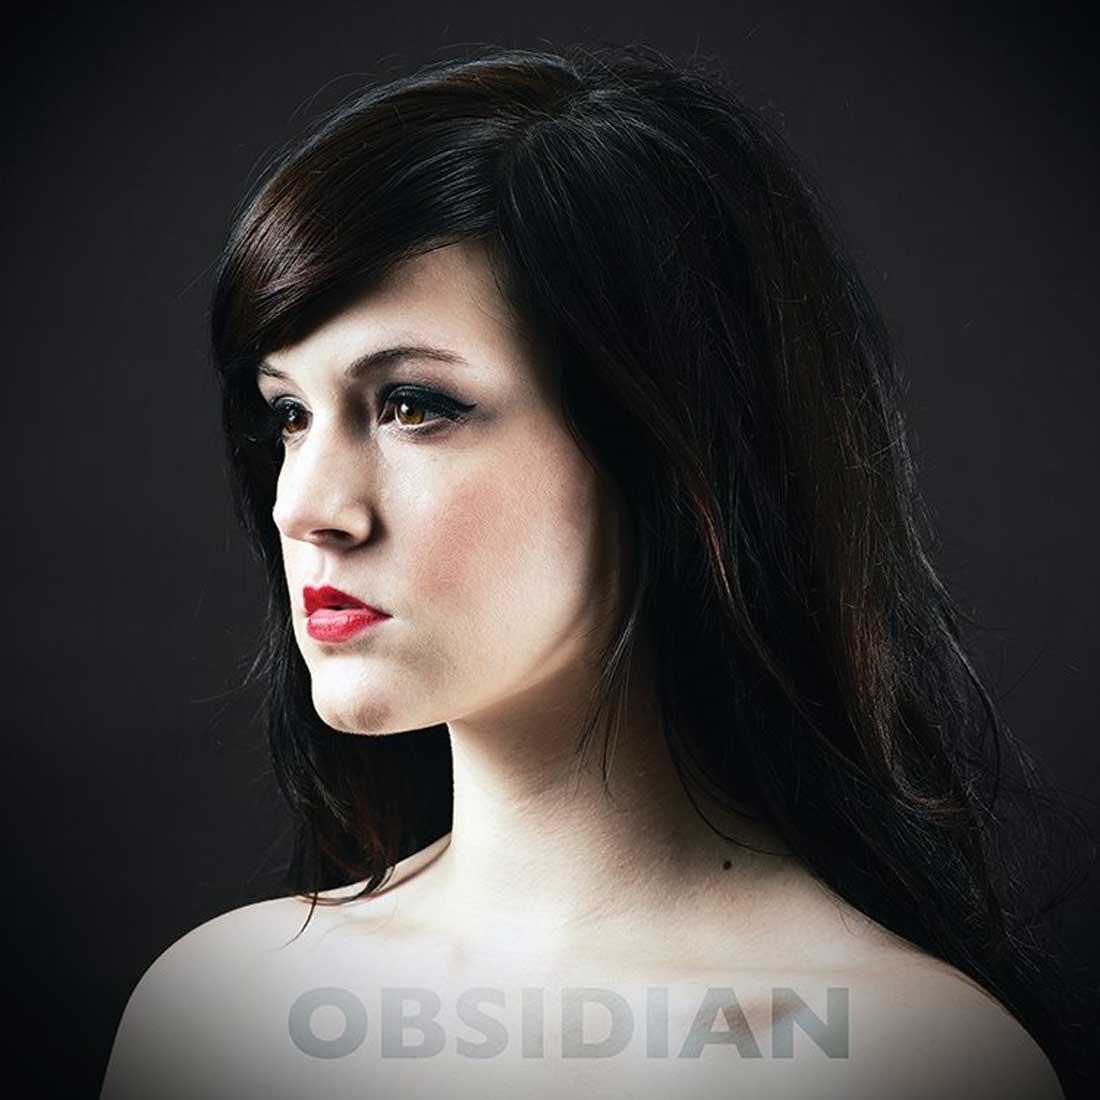 Obsidian, Jessie Frye